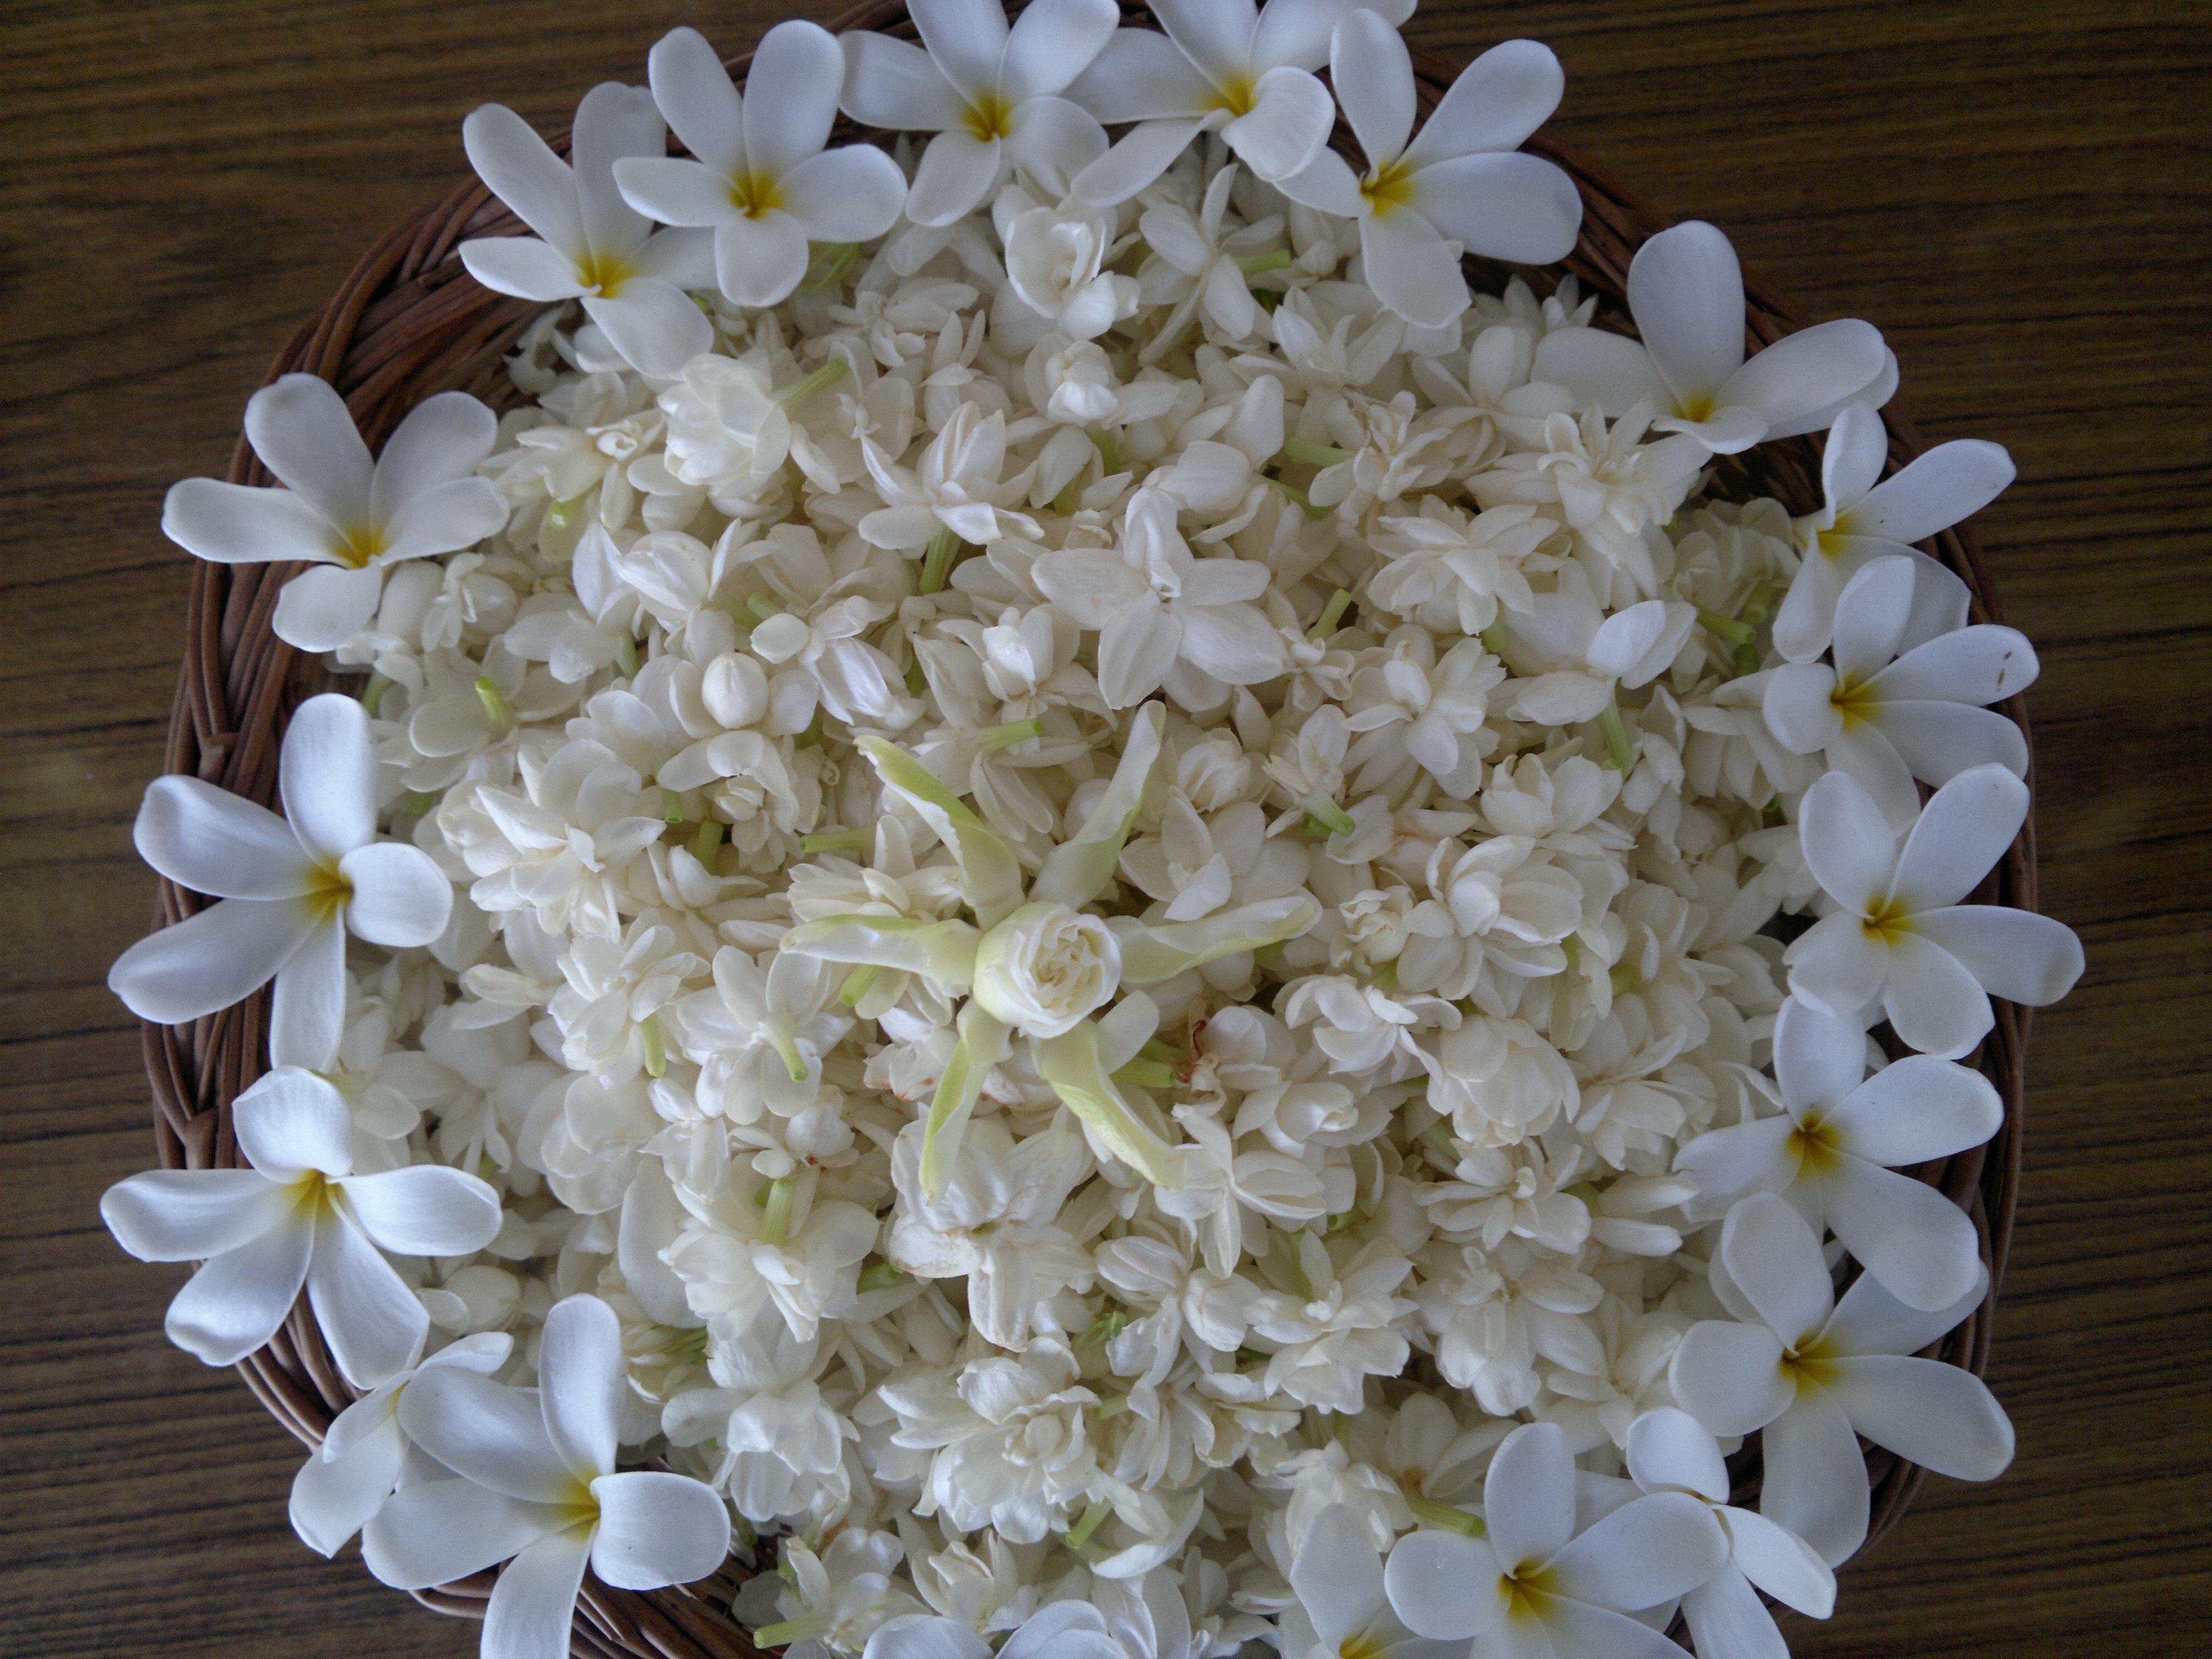 fragrance the sopht cell a garden score